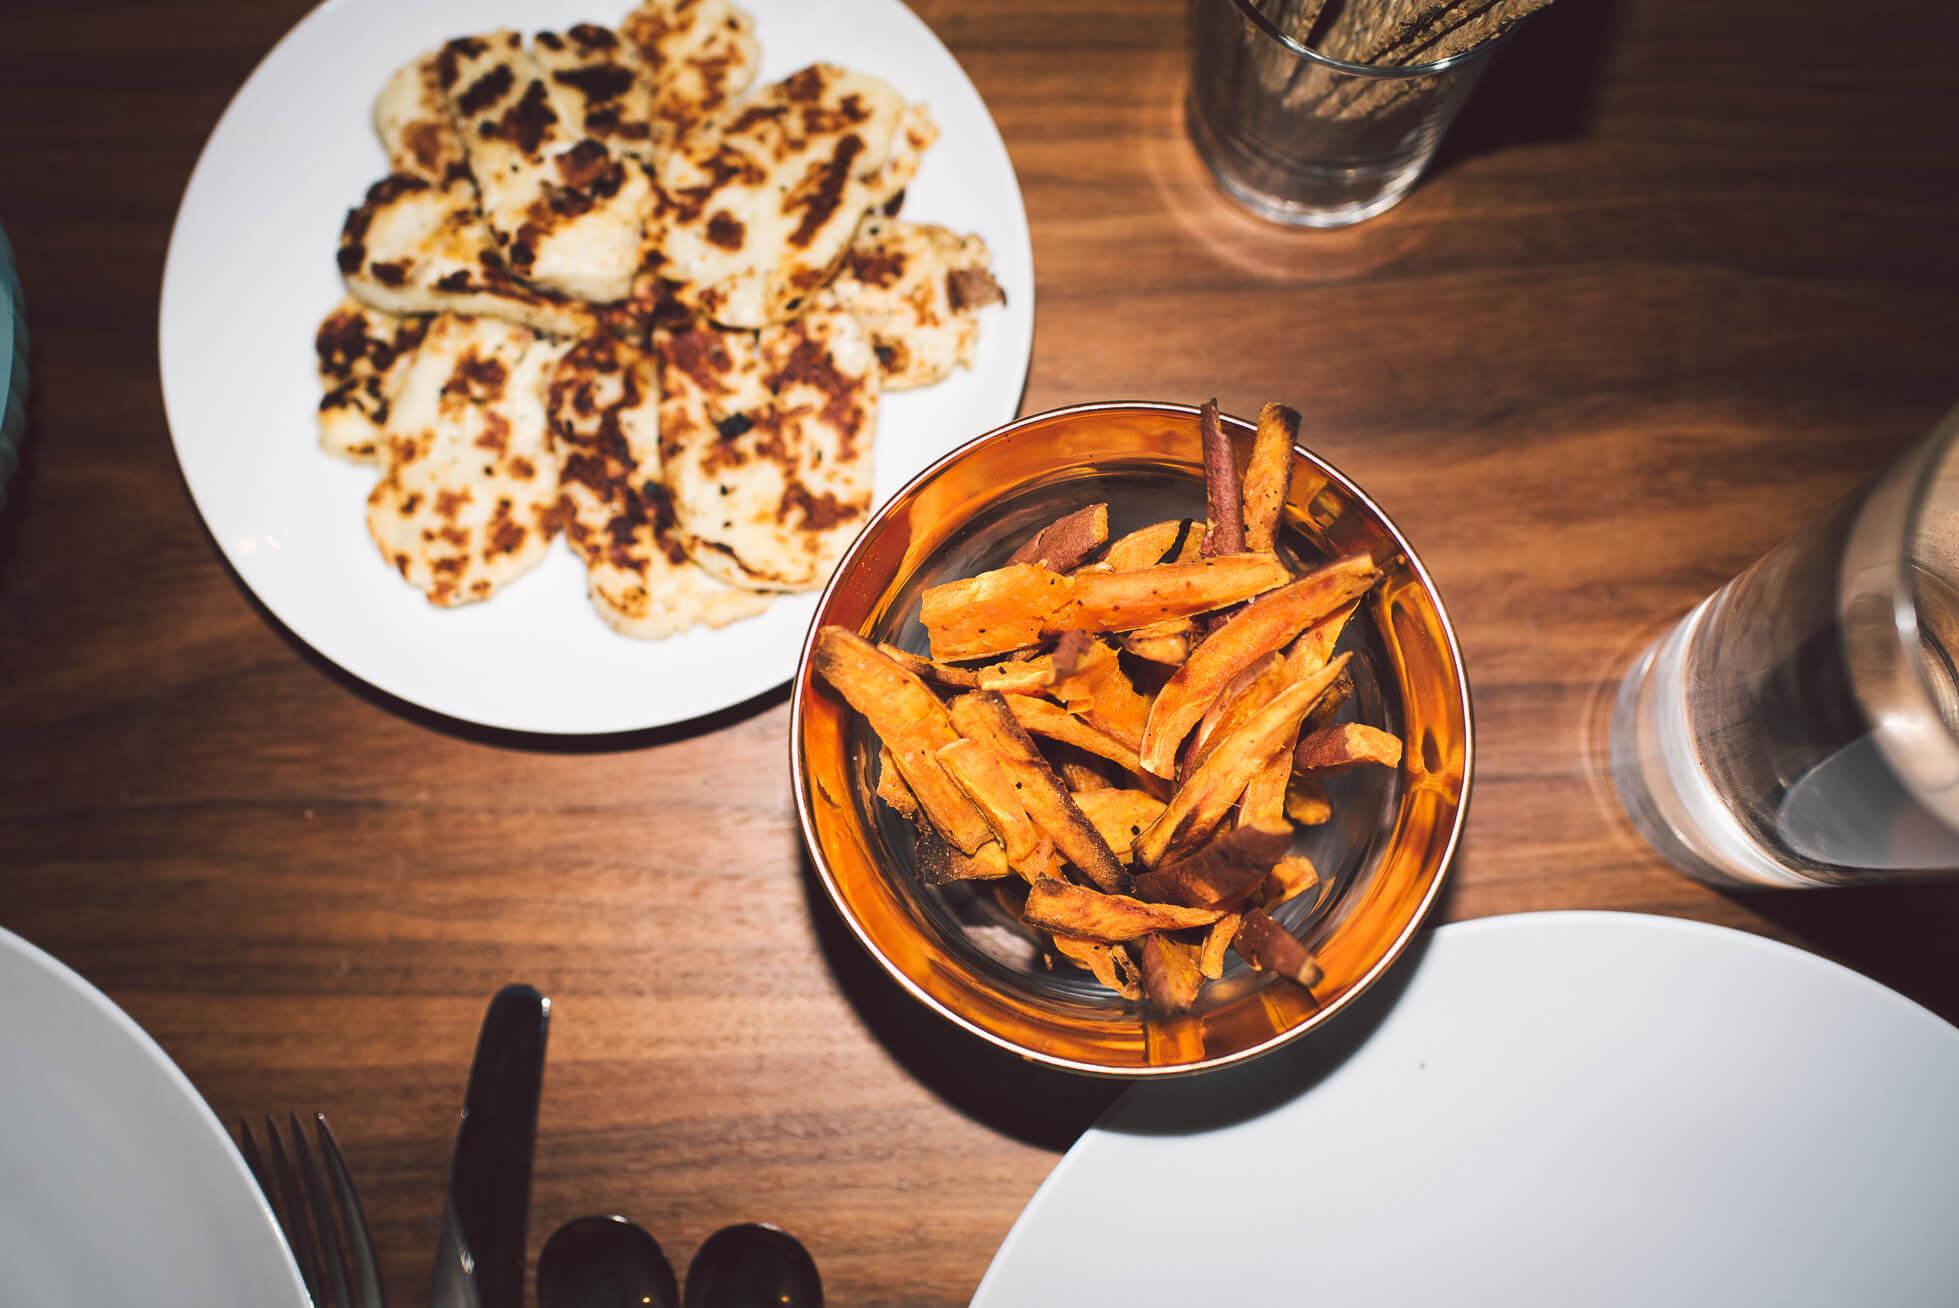 janni-deler-fast-food-vegetarianDSC_8173